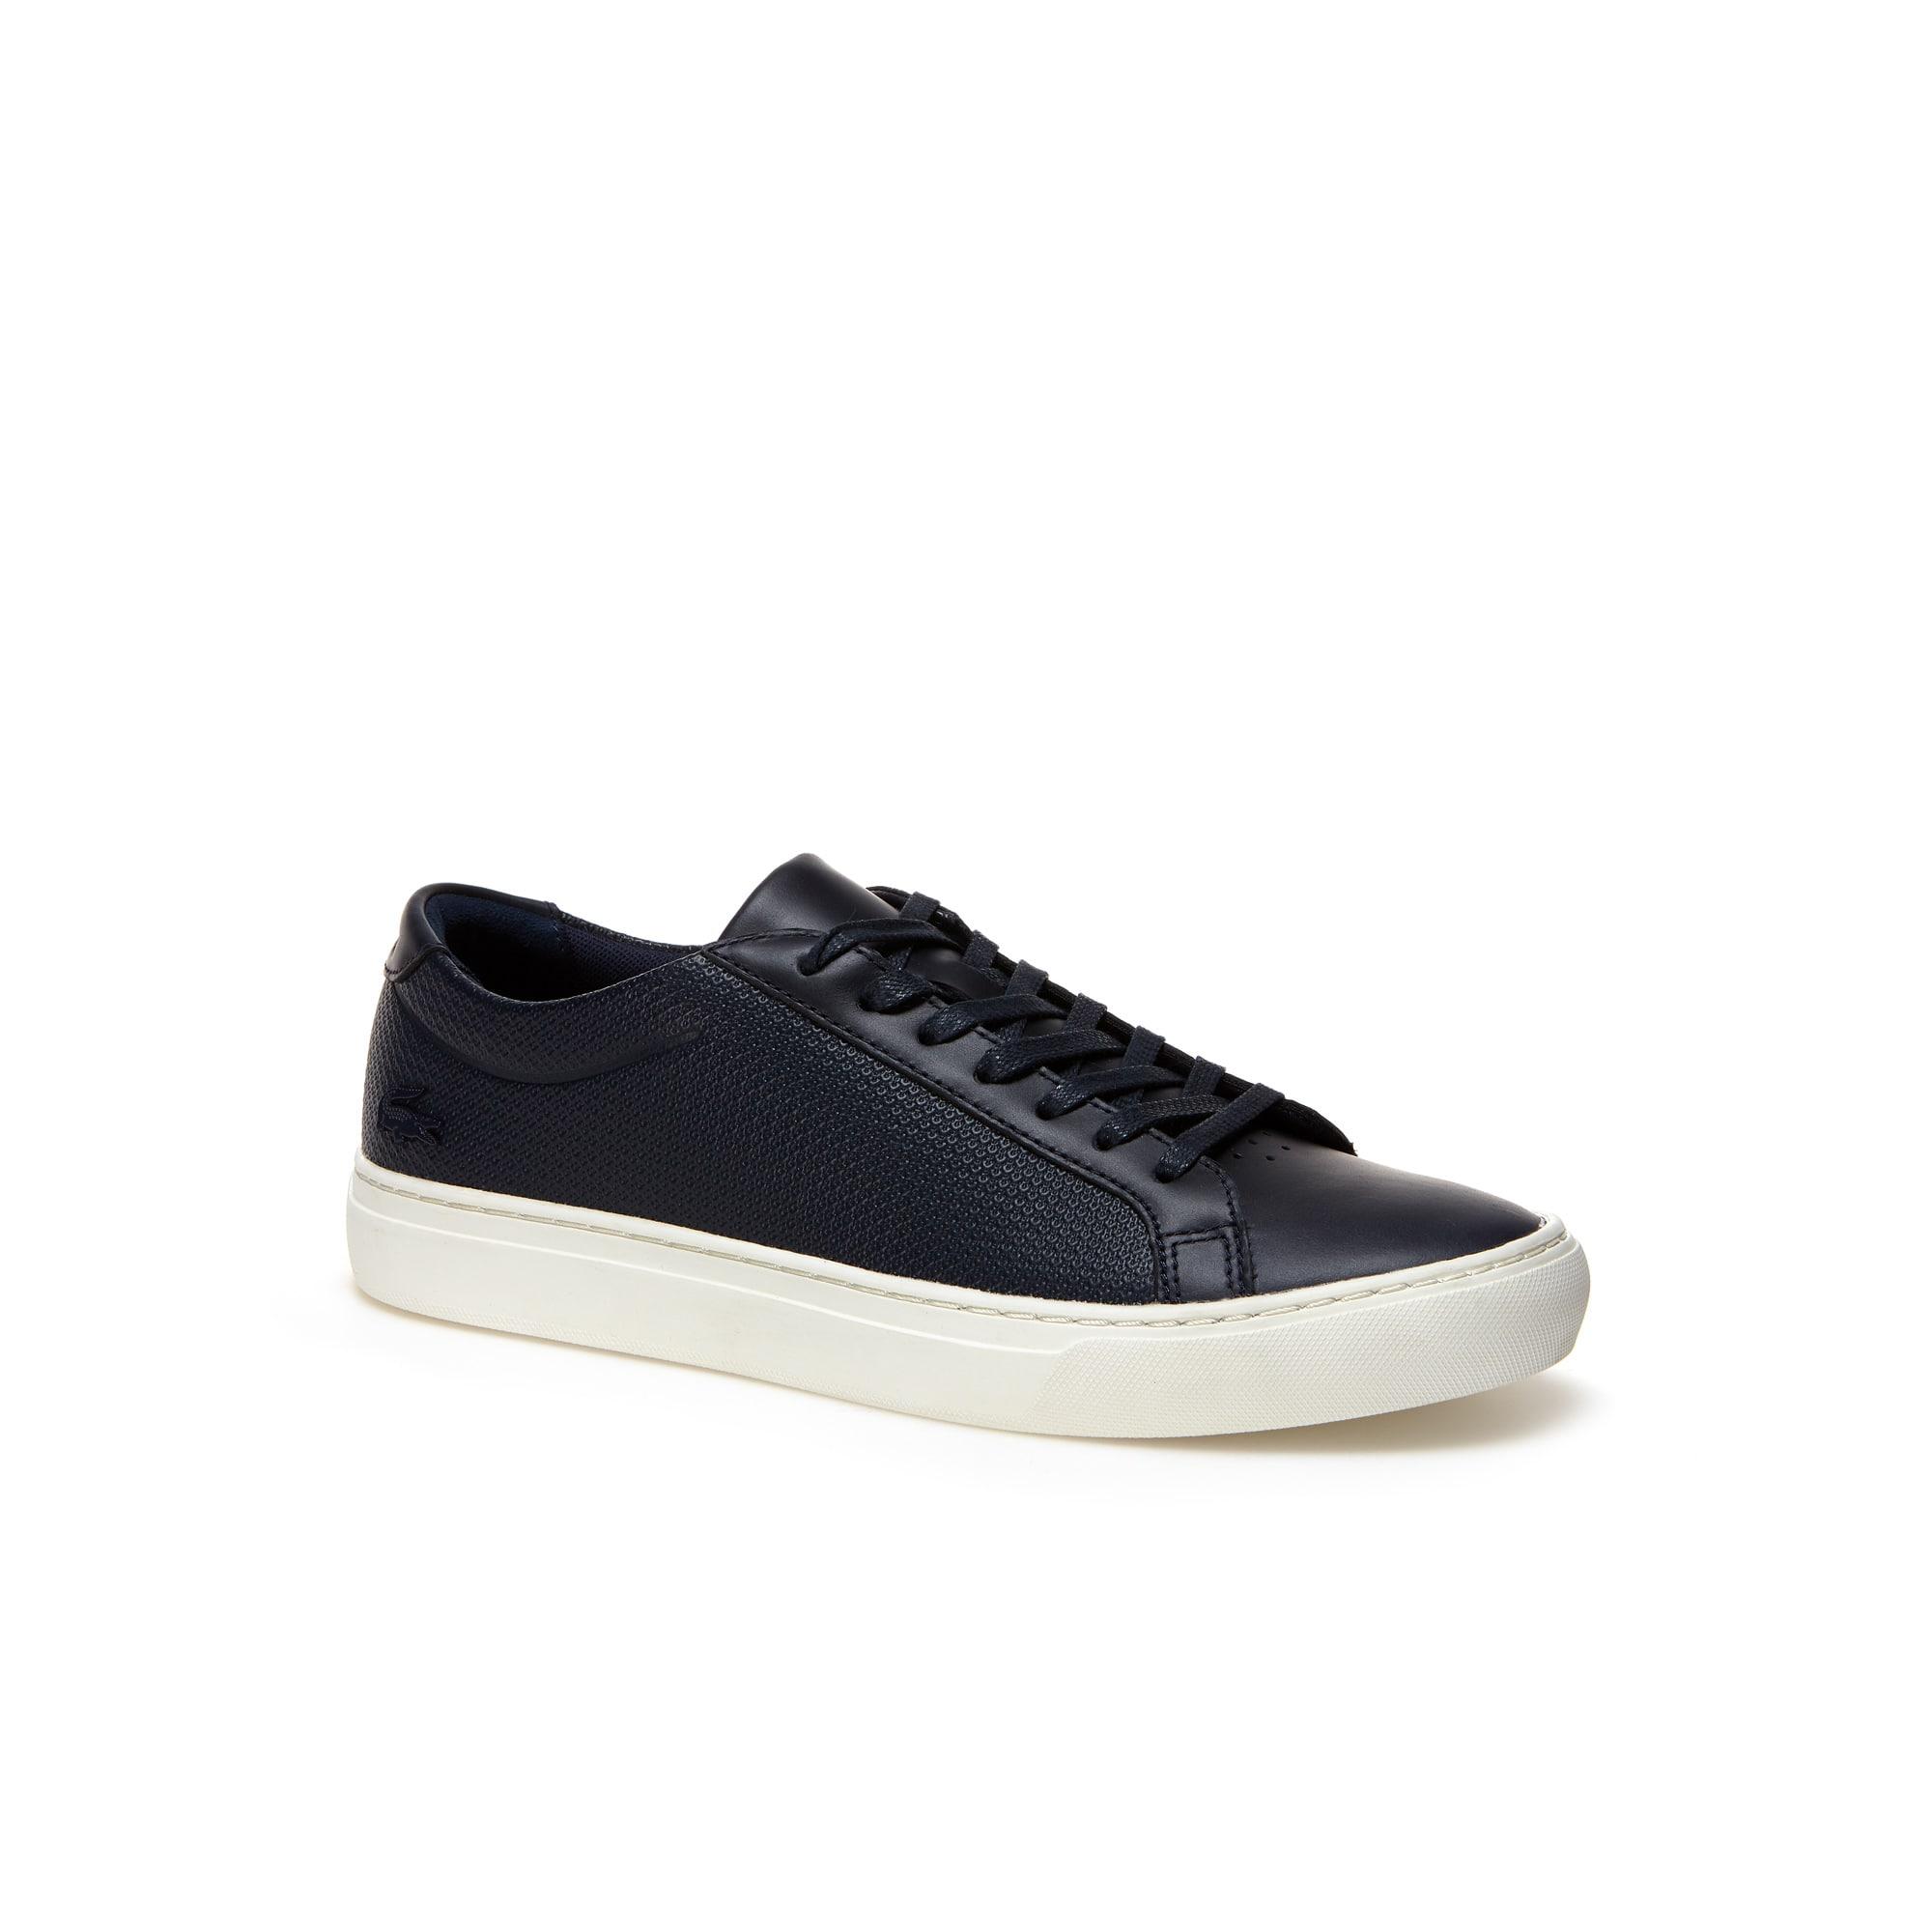 Herren-Sneakers L.12.12 aus Leder und Gummi